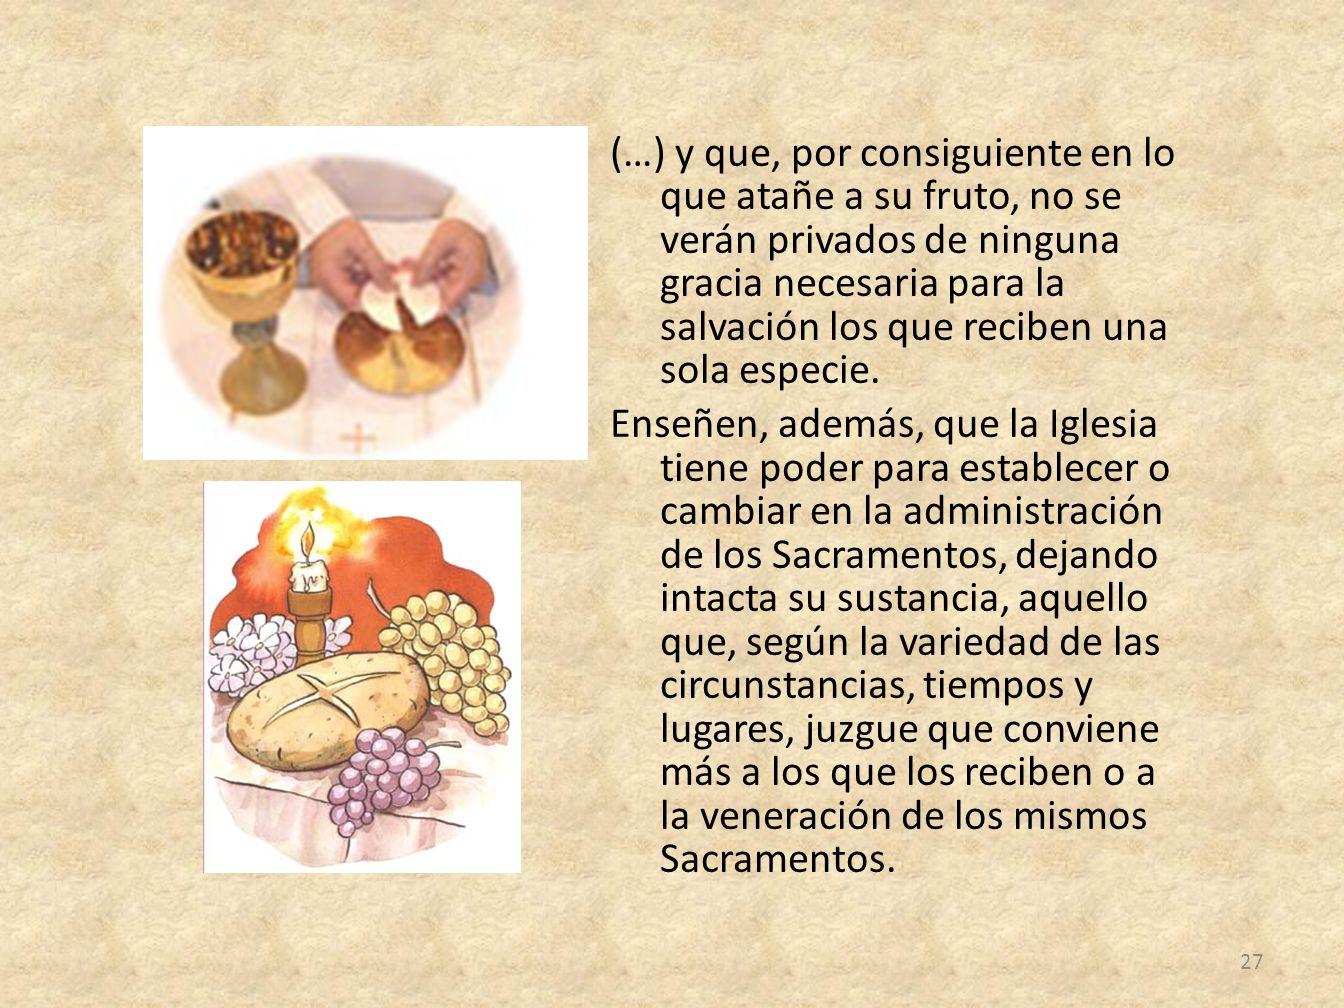 (…) y que, por consiguiente en lo que atañe a su fruto, no se verán privados de ninguna gracia necesaria para la salvación los que reciben una sola especie.